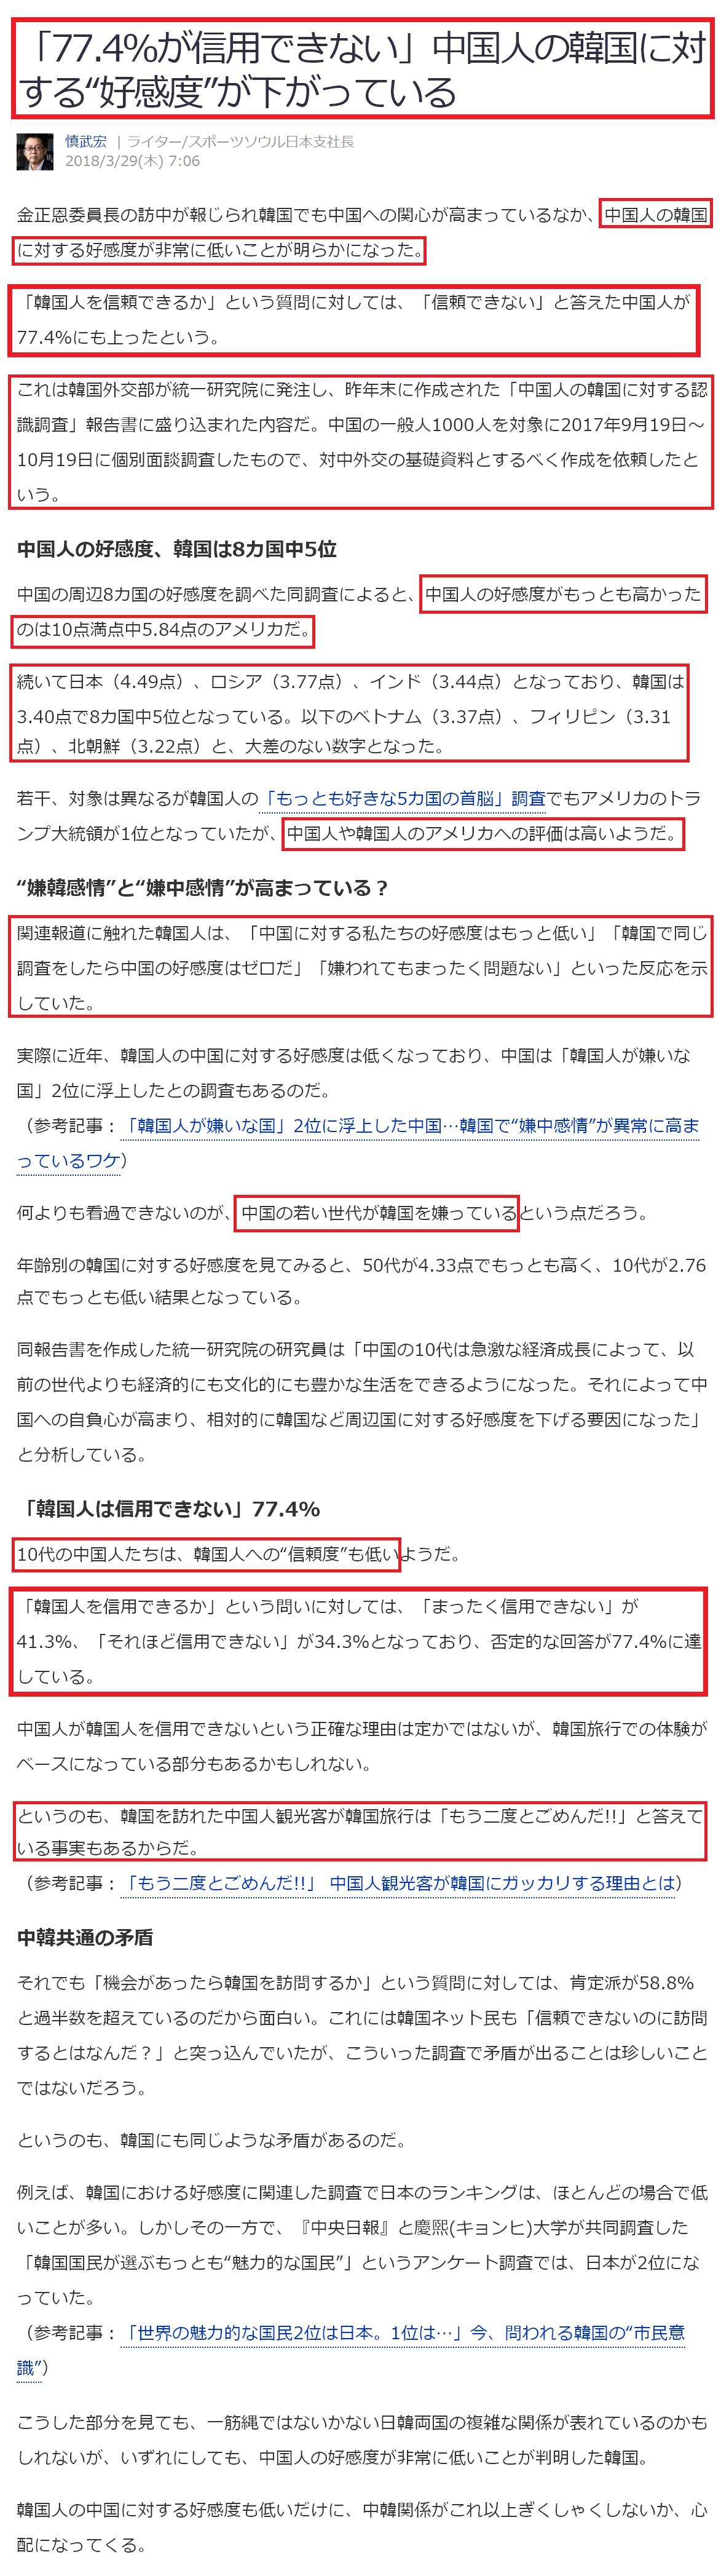 シナ人の77%が嫌韓